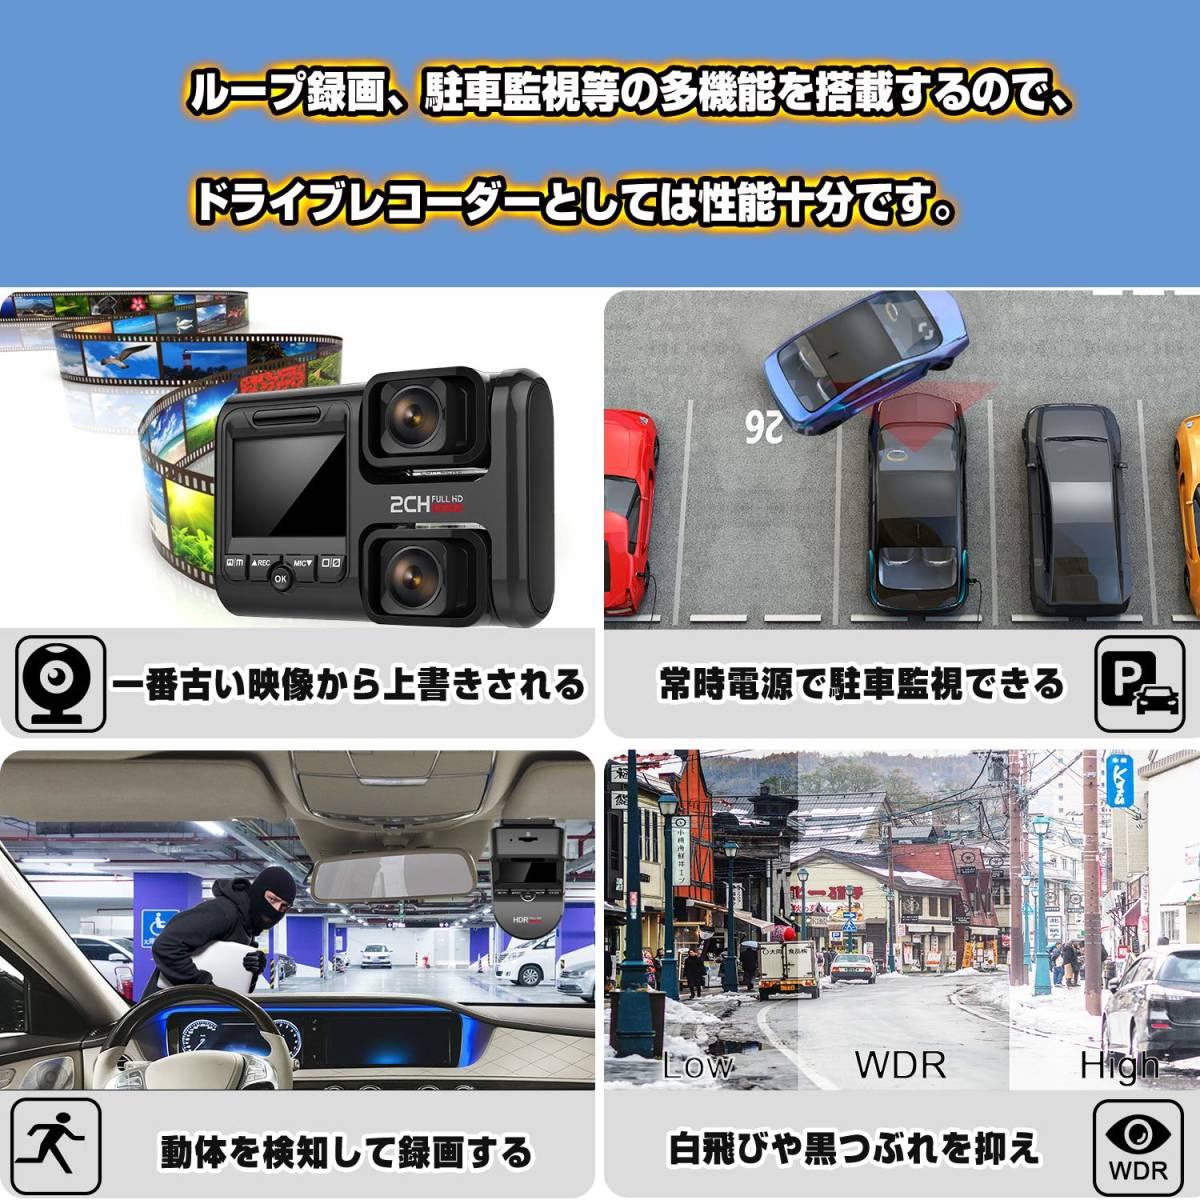 新品未使用 【32Gカード付き】ドライブレコーダー 前後カメラ 1080PフルHD wifi搭載 内蔵GPS sonyセンサー 1200万画素_画像6